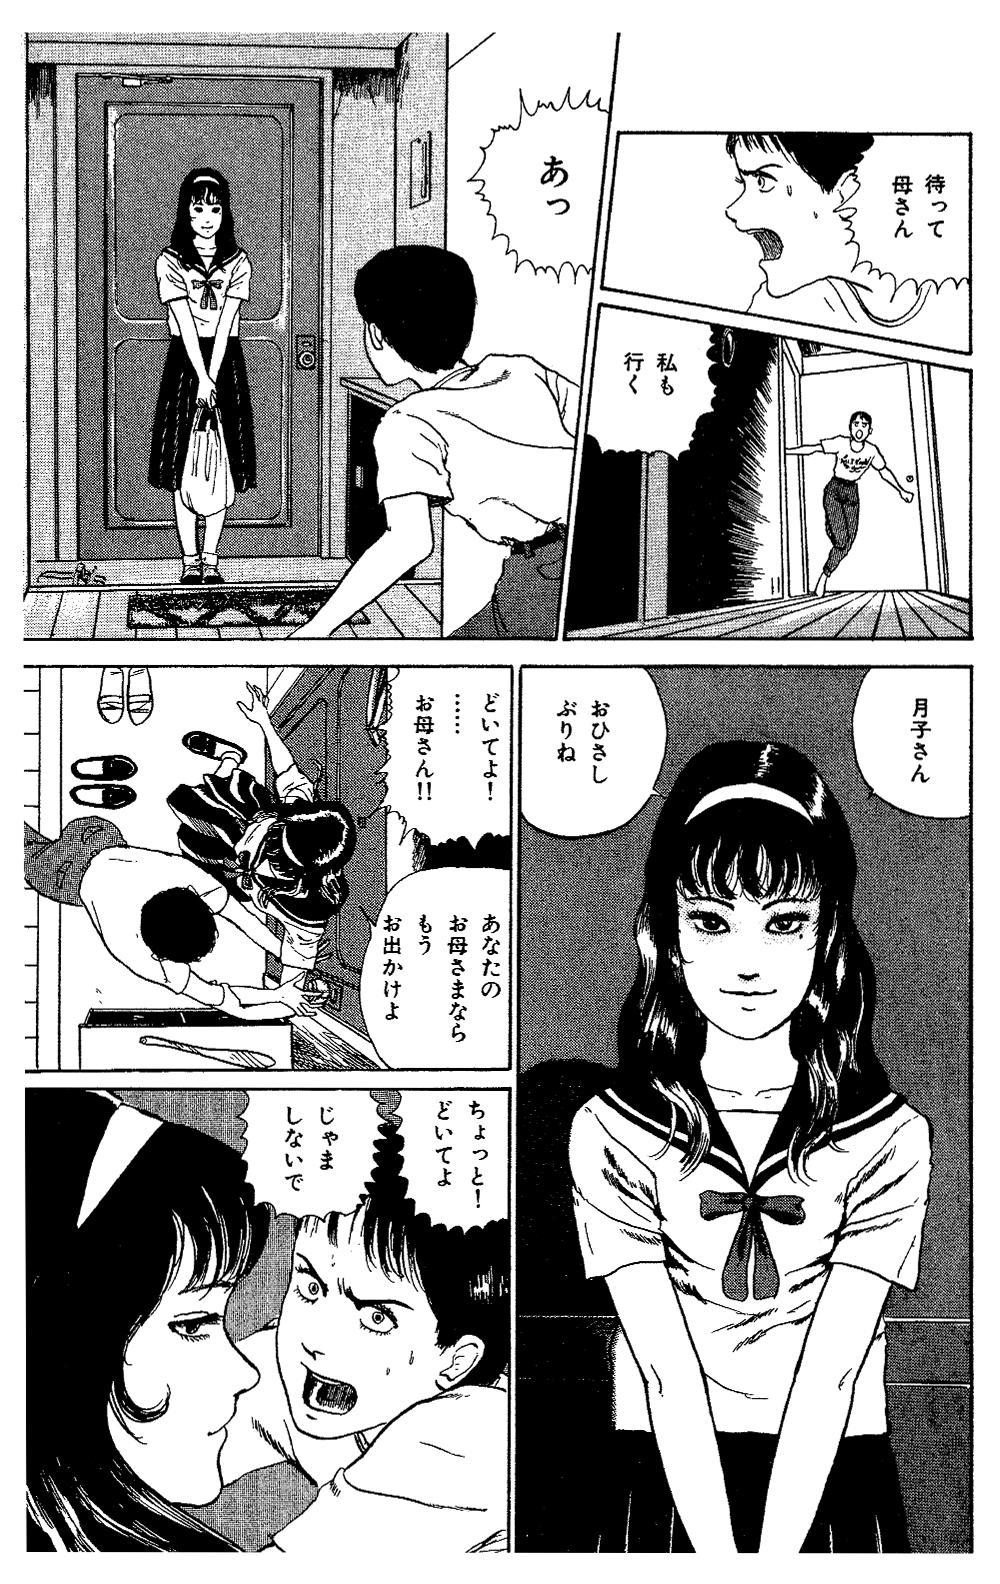 伊藤潤二傑作集 第4話「富江 写真」④jjunji13-02.jpg